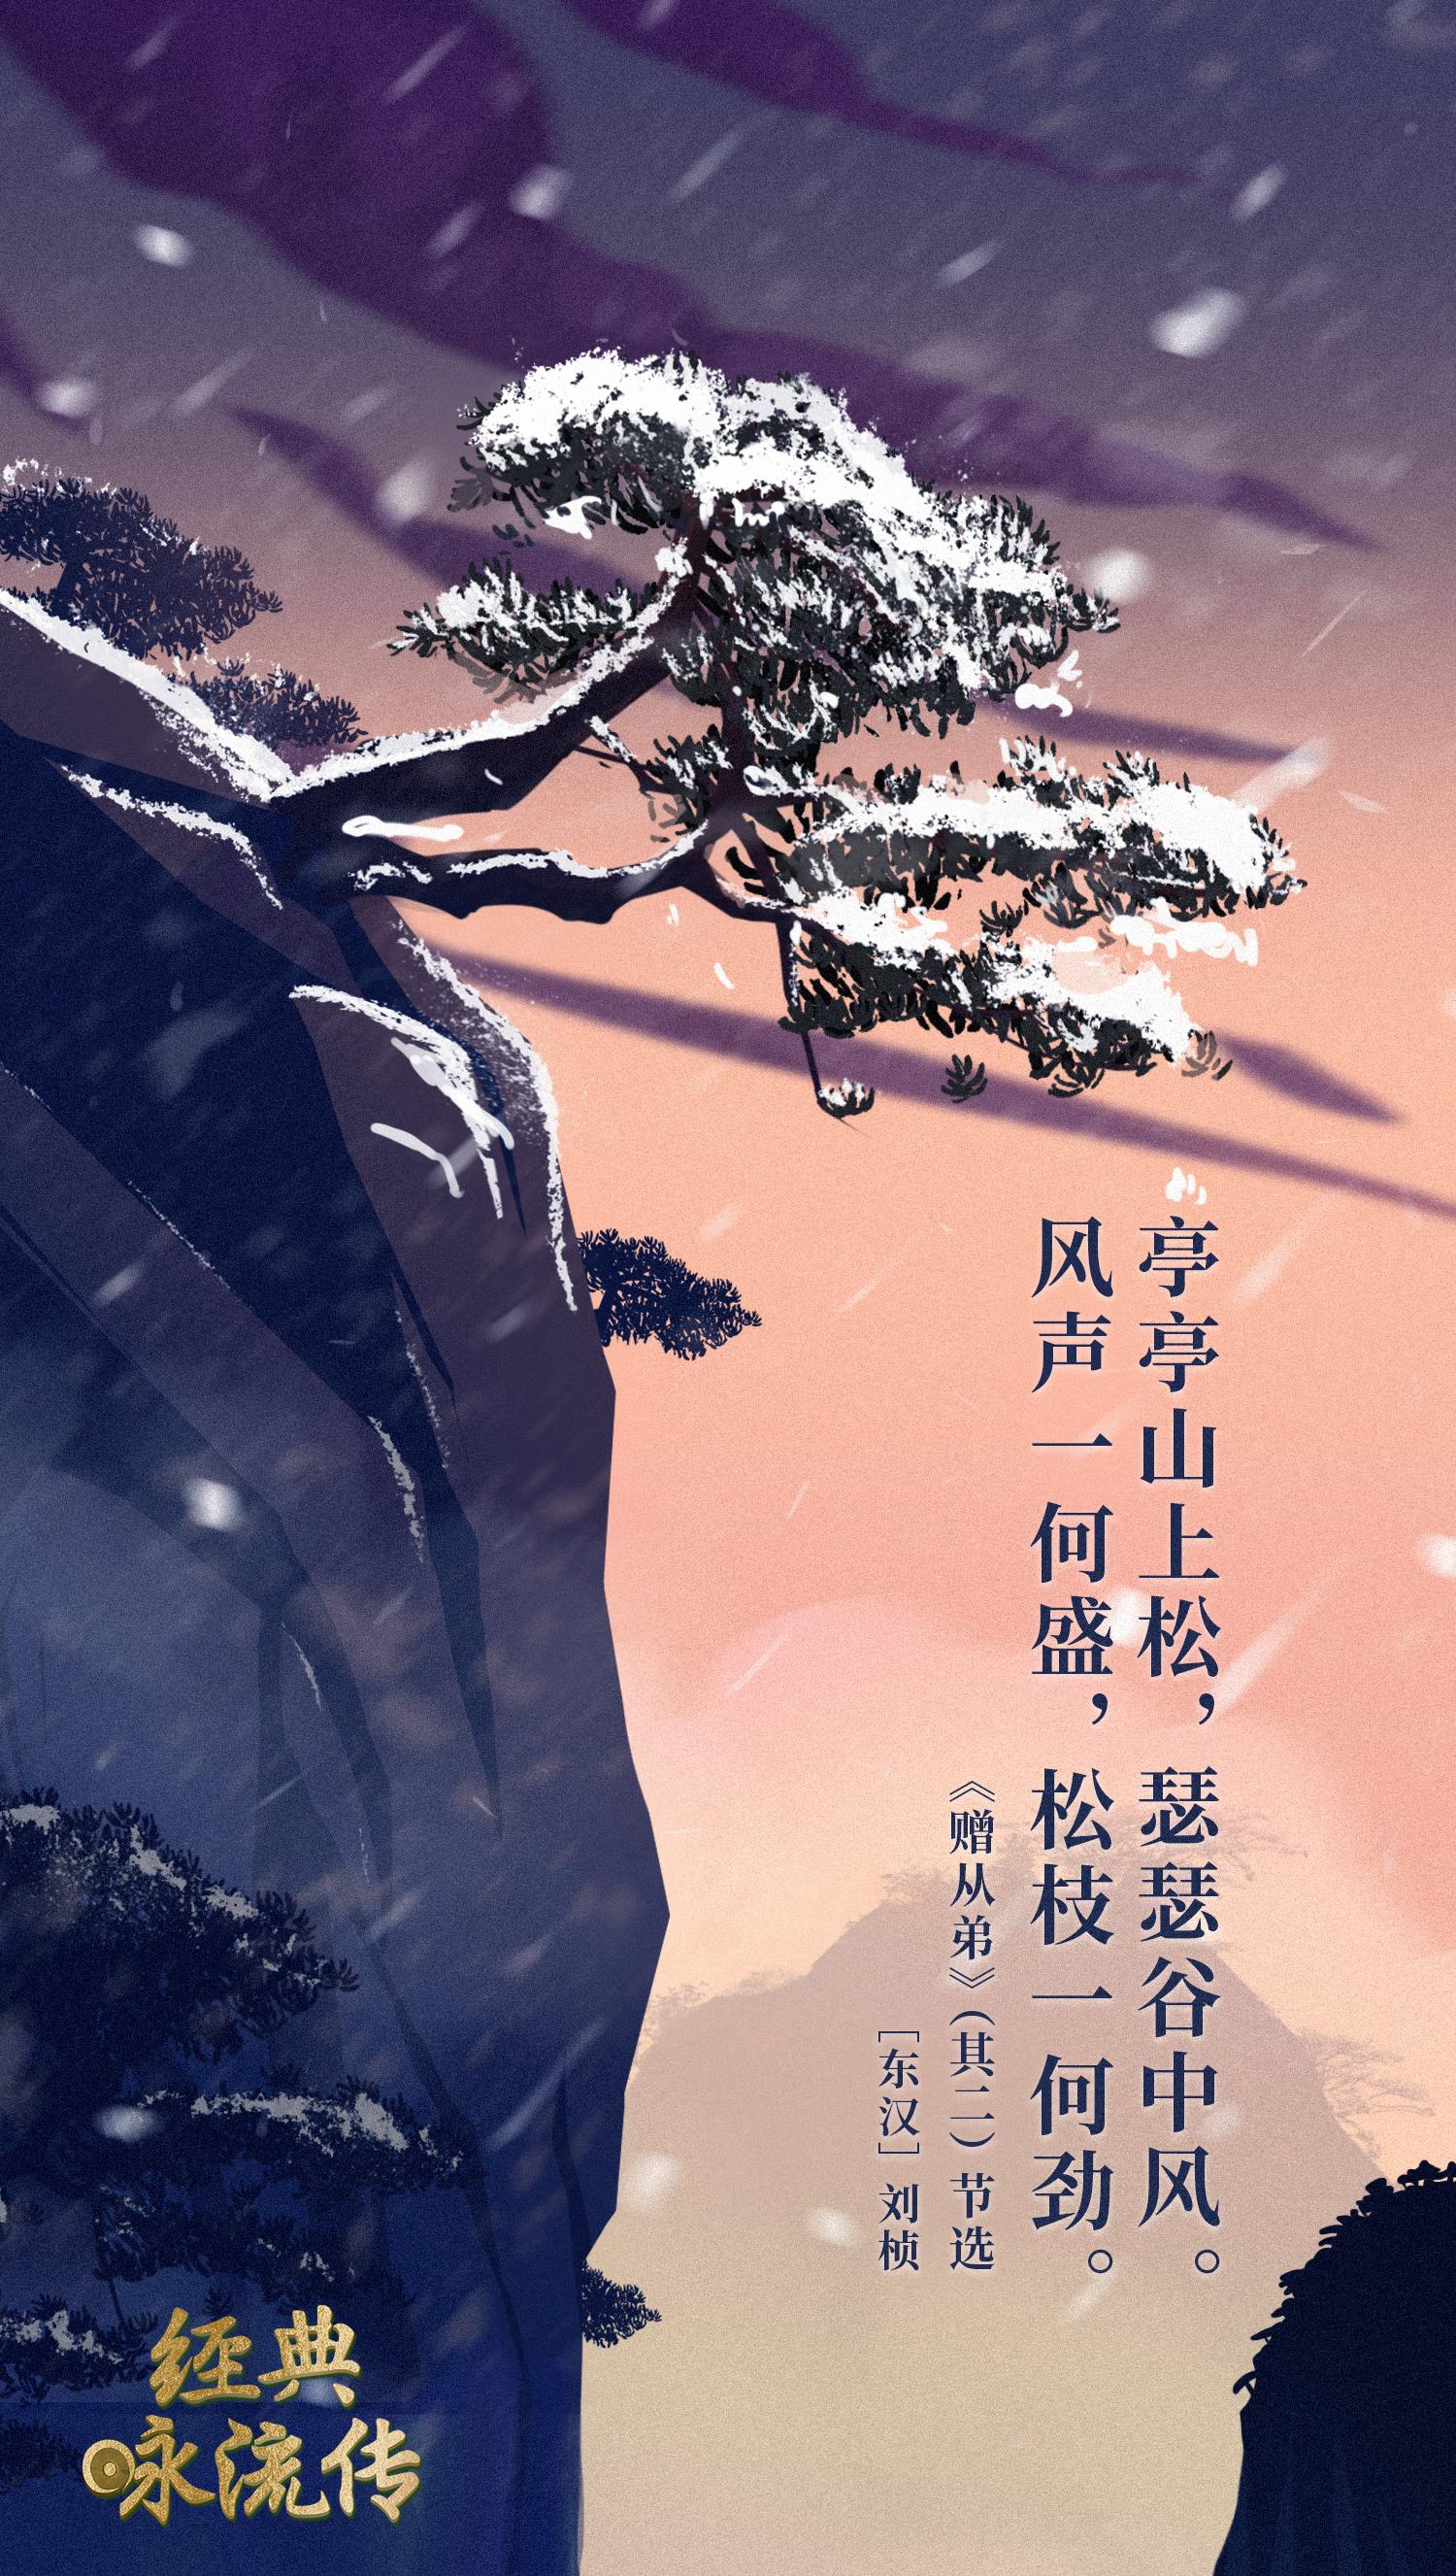 《经典咏流传》诗词意境海报合集 欣赏-第28张